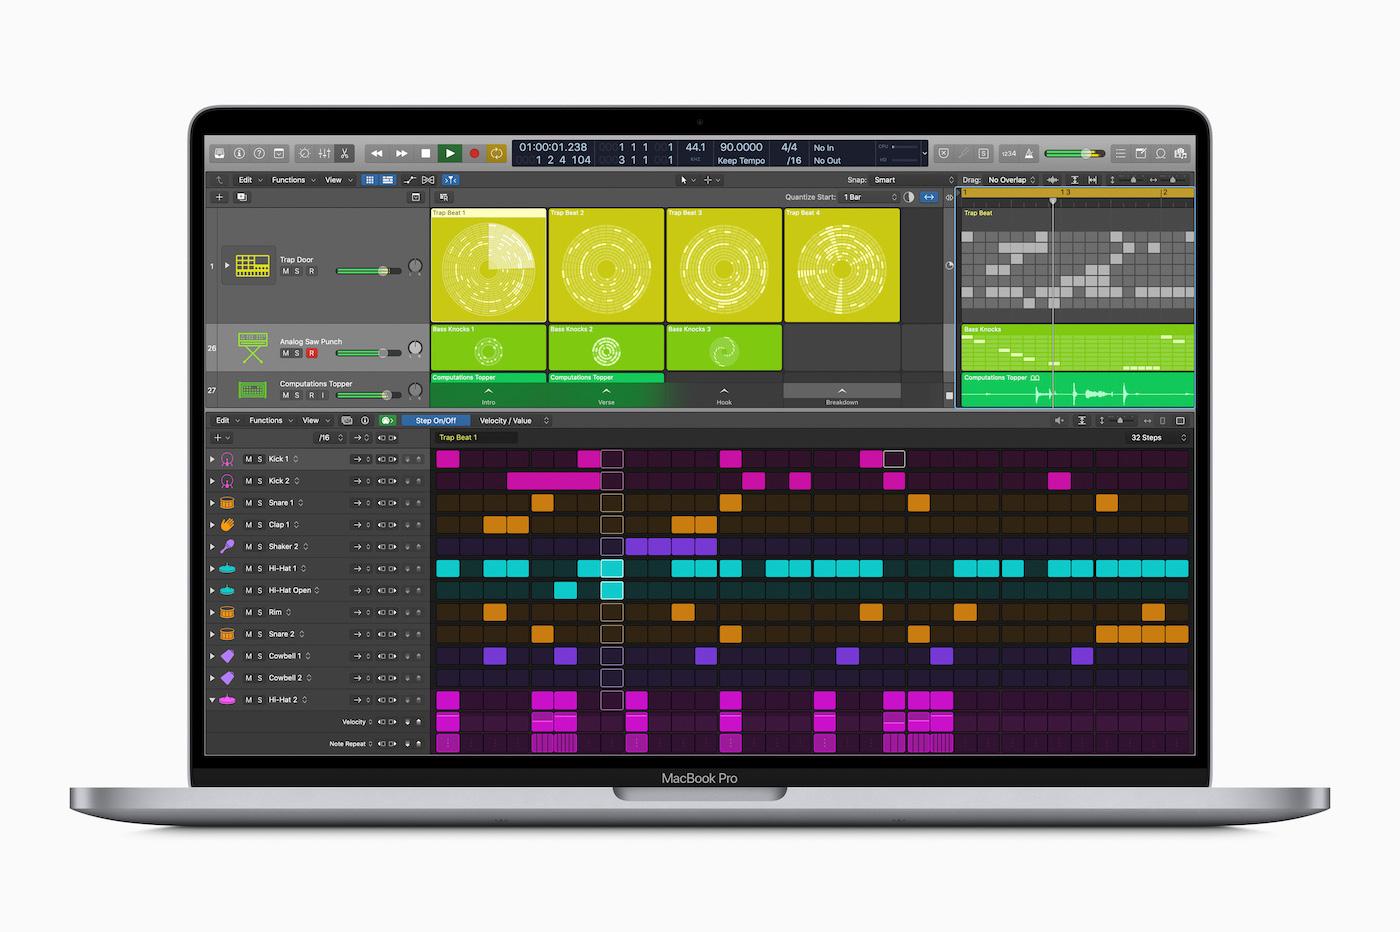 Apple Logic mise à jour 10.5